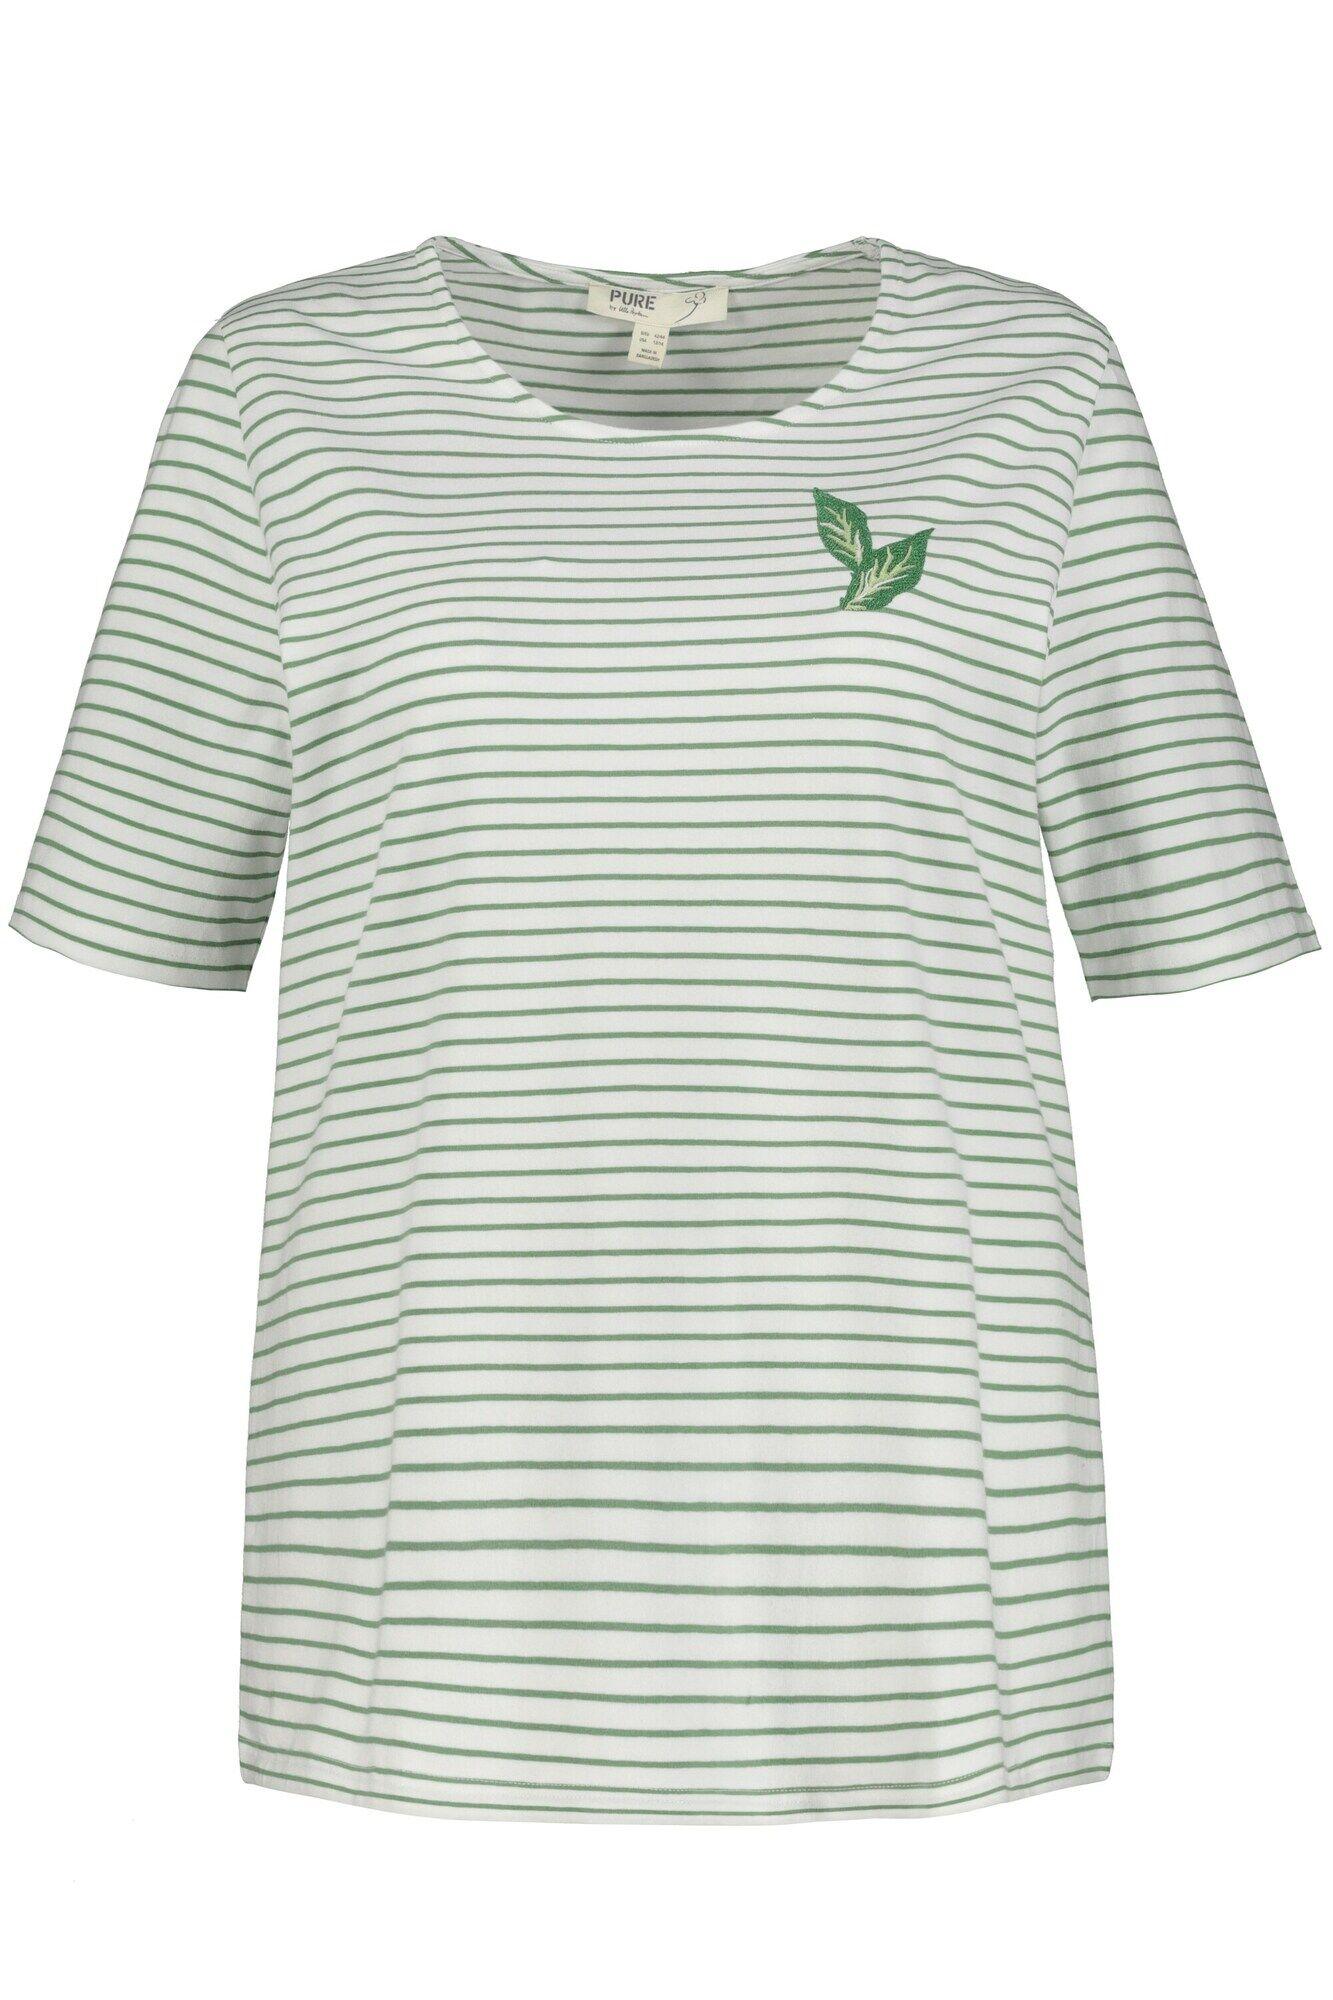 Ulla Popken T-shirt  - Vert - Taille: 46+ - female